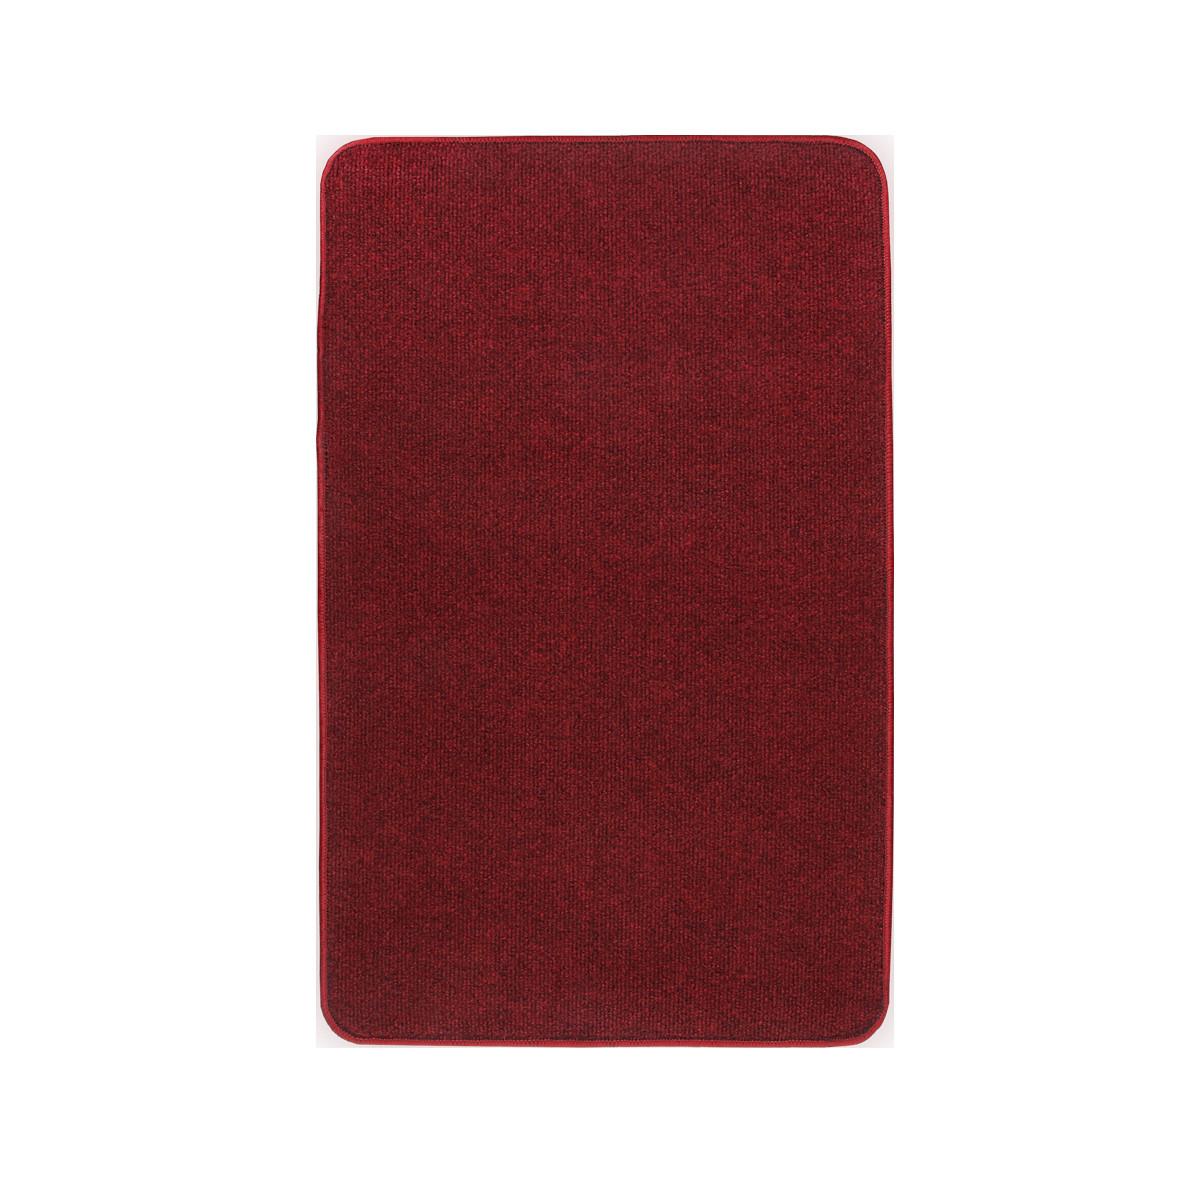 Электрический коврик с подогревом Теплик с термоизоляцией 50 х 100 см Темно-красный